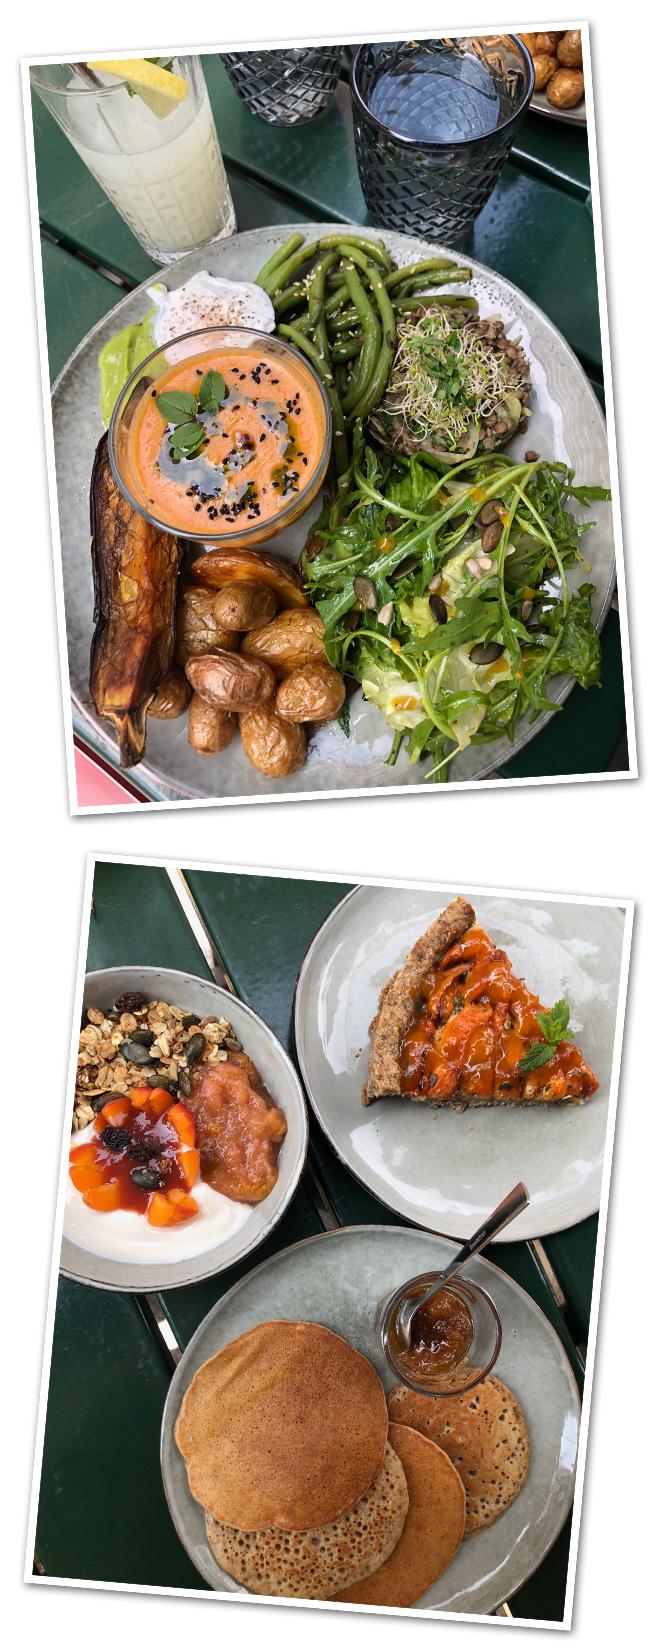 Para los que os guste la comida saludable, SIXTA Toulousees un restaurante de comida orgánica deliciosa. Su brunch de fin de semana es lo más.